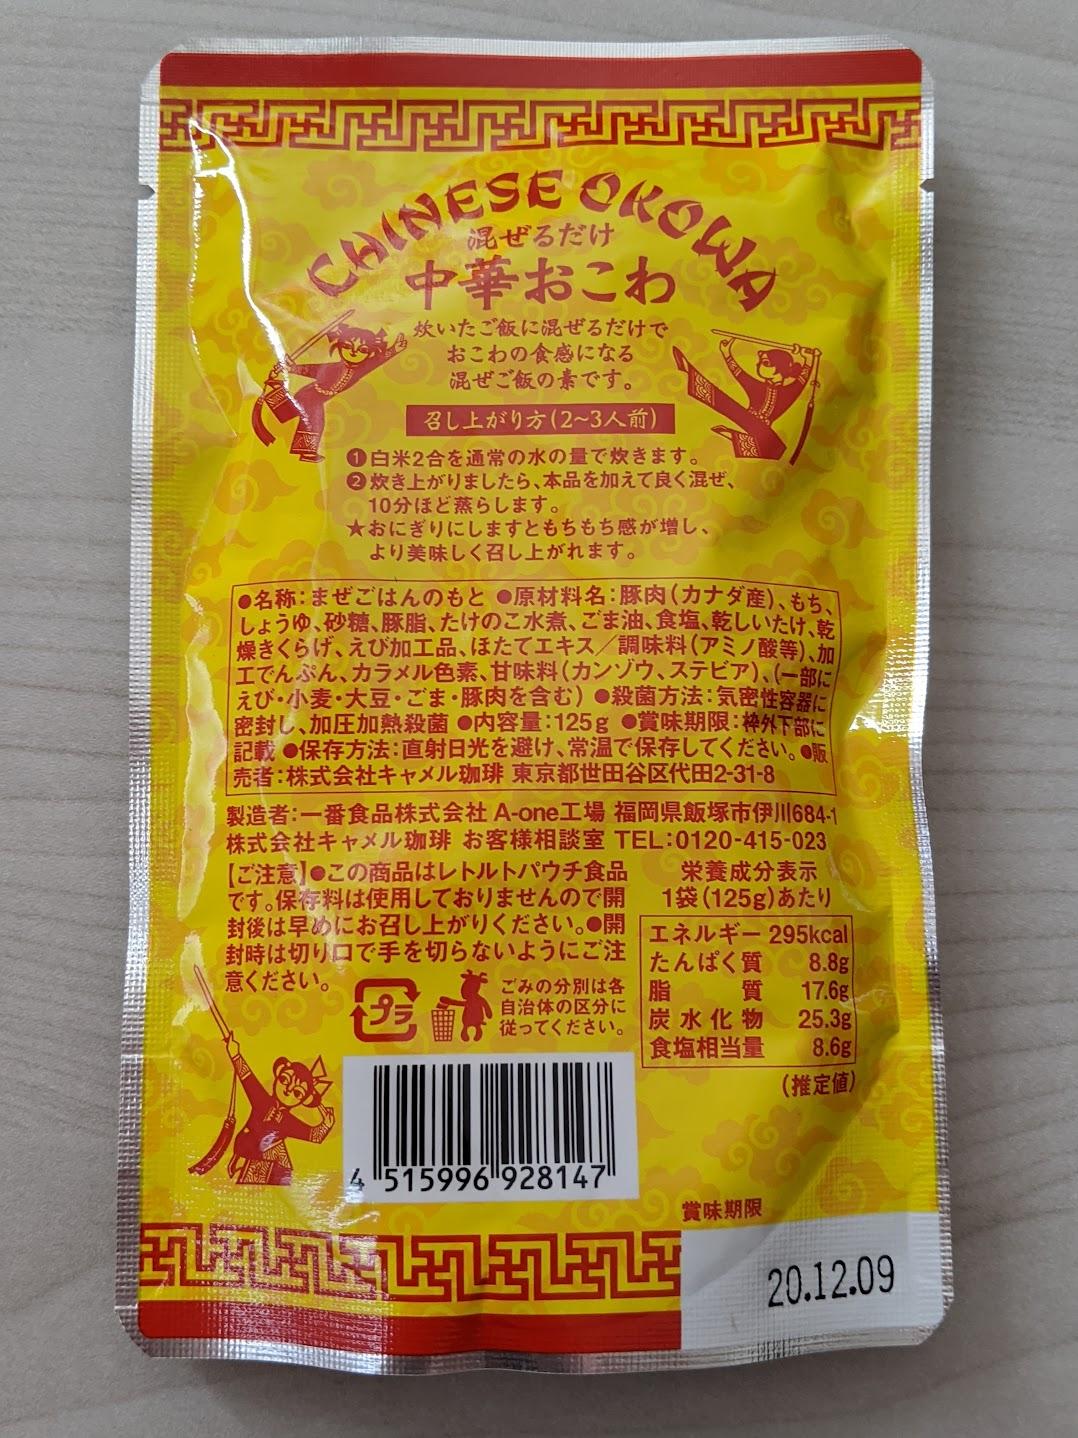 カルディ 混ぜるだけ中華おこわ 栄養成分表示